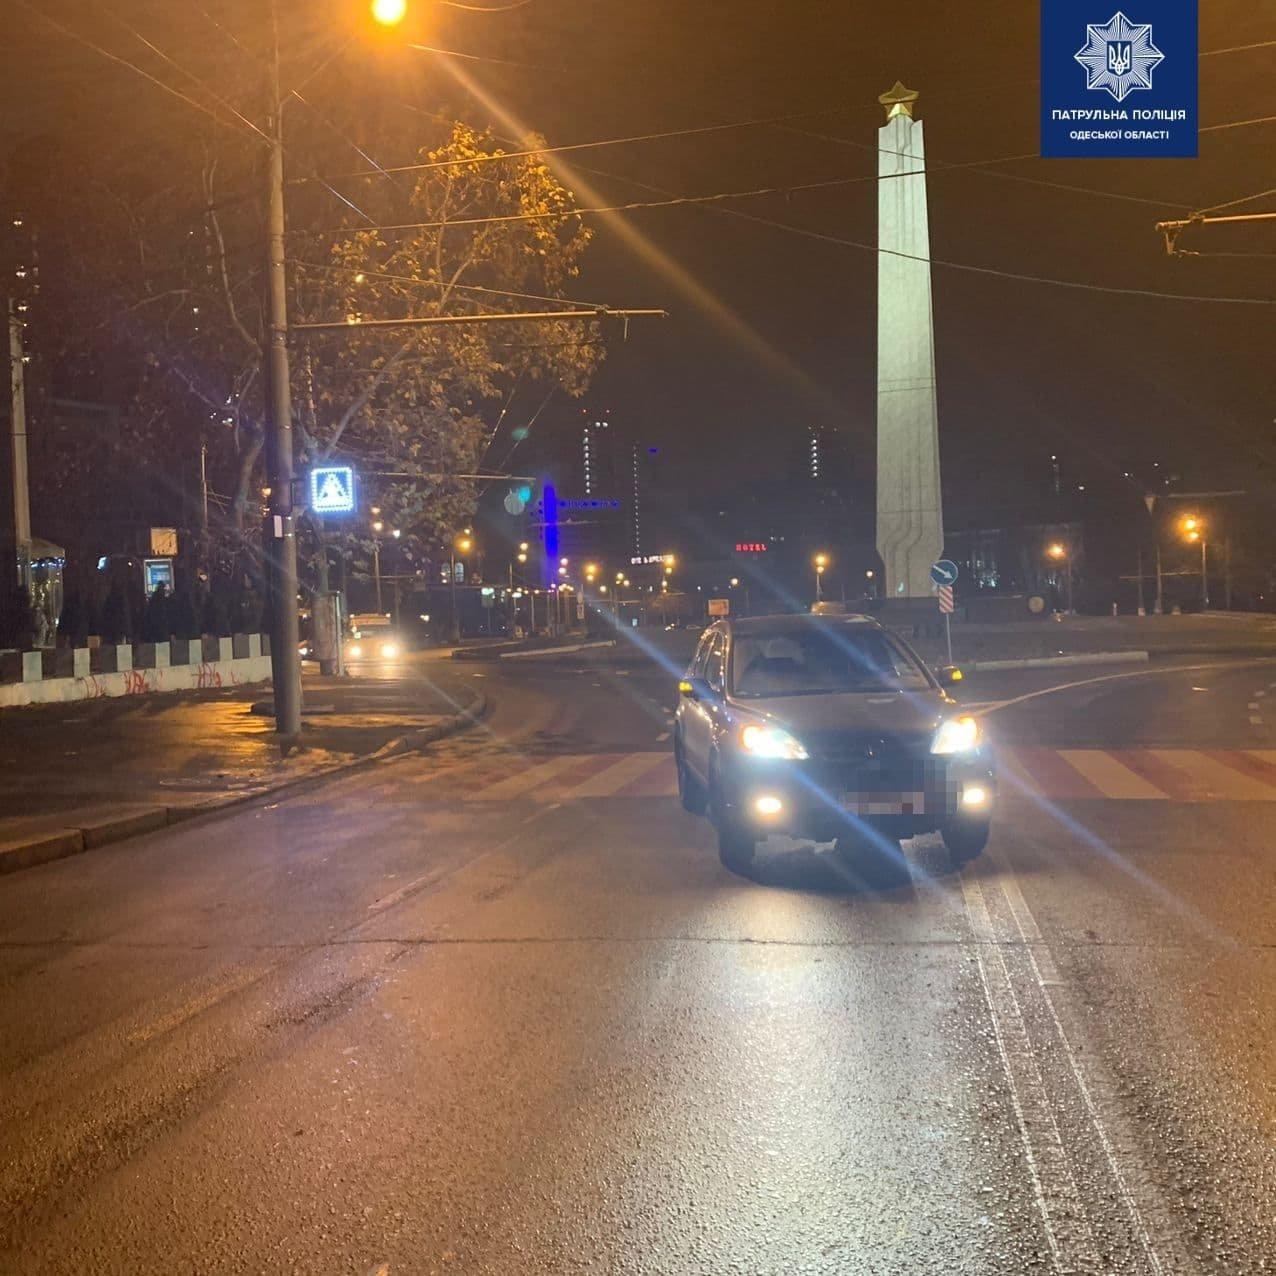 На проспекте Шевченко в Одессе автомобиль сбил женщину, - ФОТО, фото-2